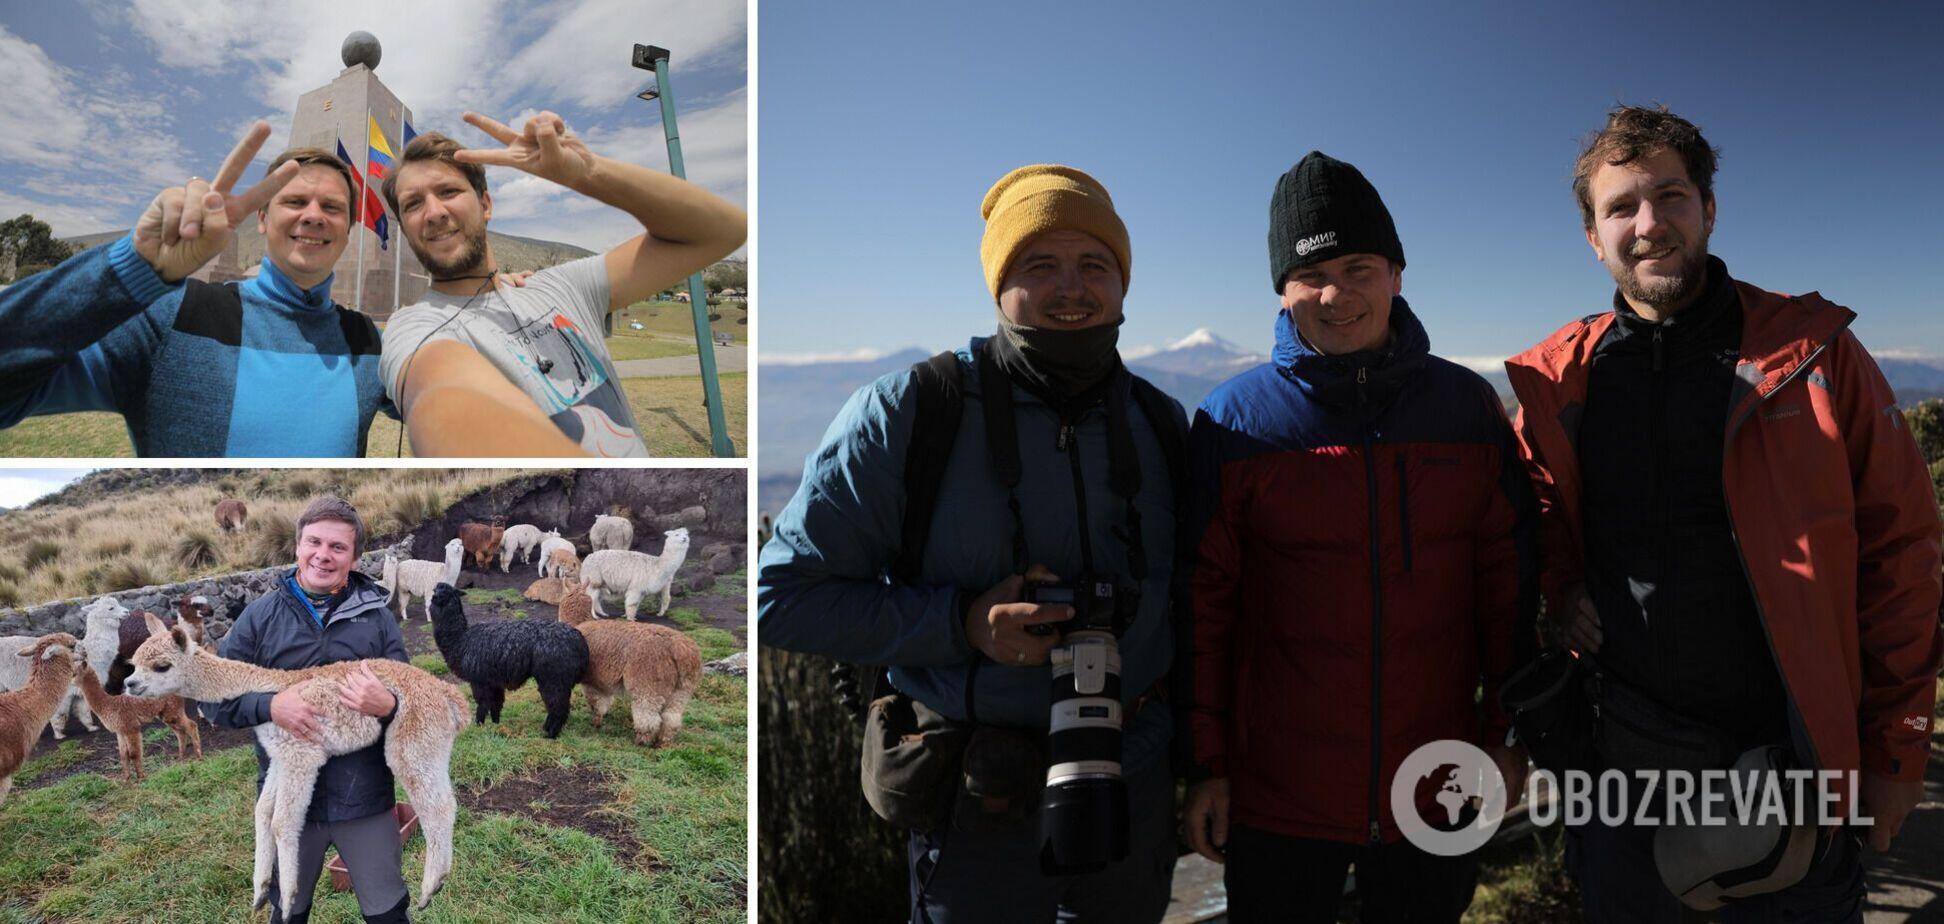 'Світ навиворіт' стає ще крутішим – в Еквадорі до знімальної групи приєднається новий член експедиції